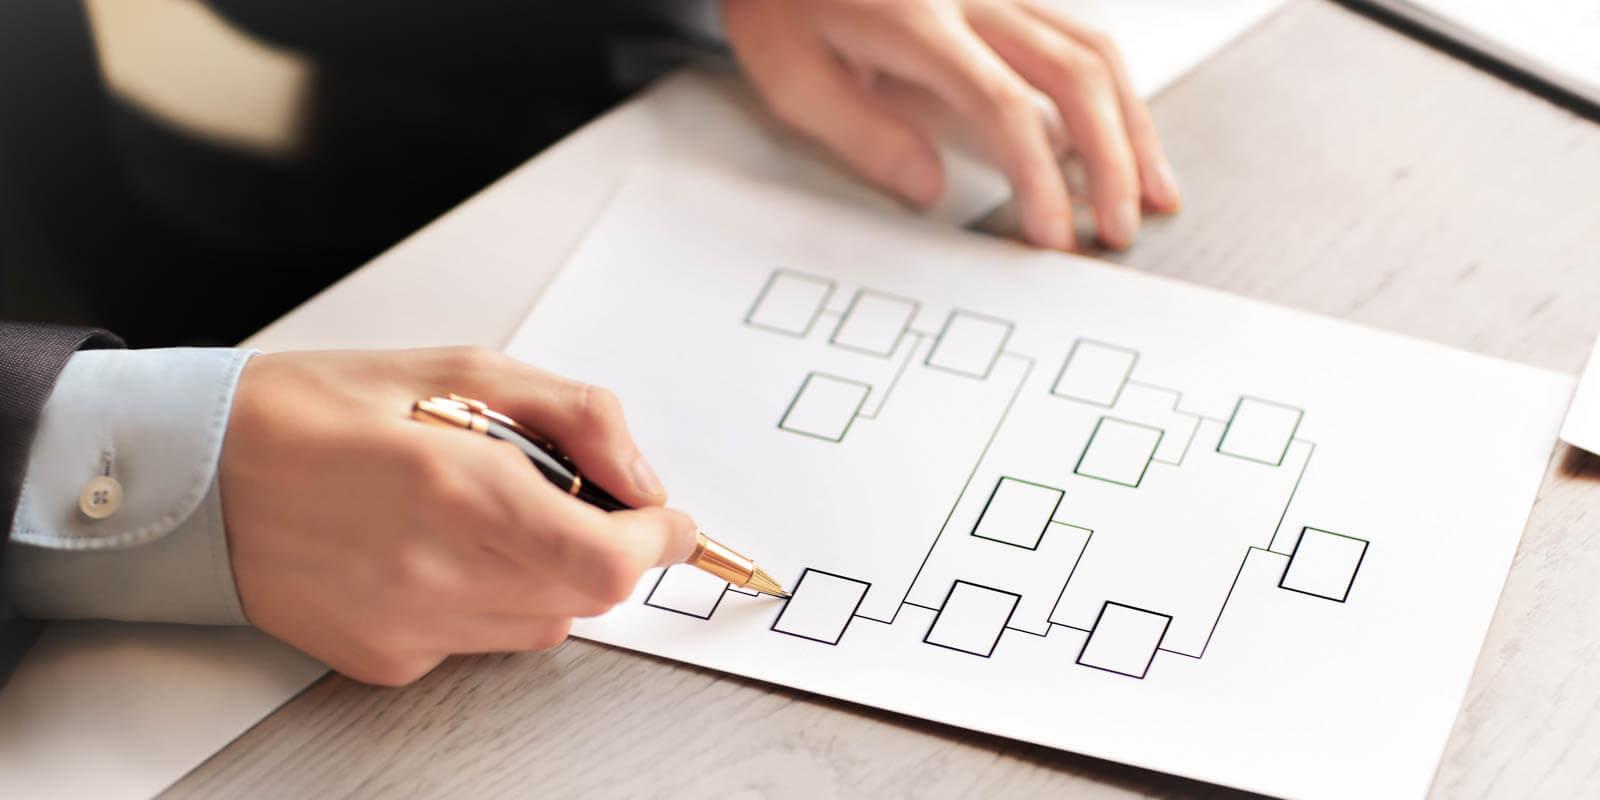 Workflow Management auf einem Blat Papier auf dem eine Organisations chart Grafik abgebildet ist